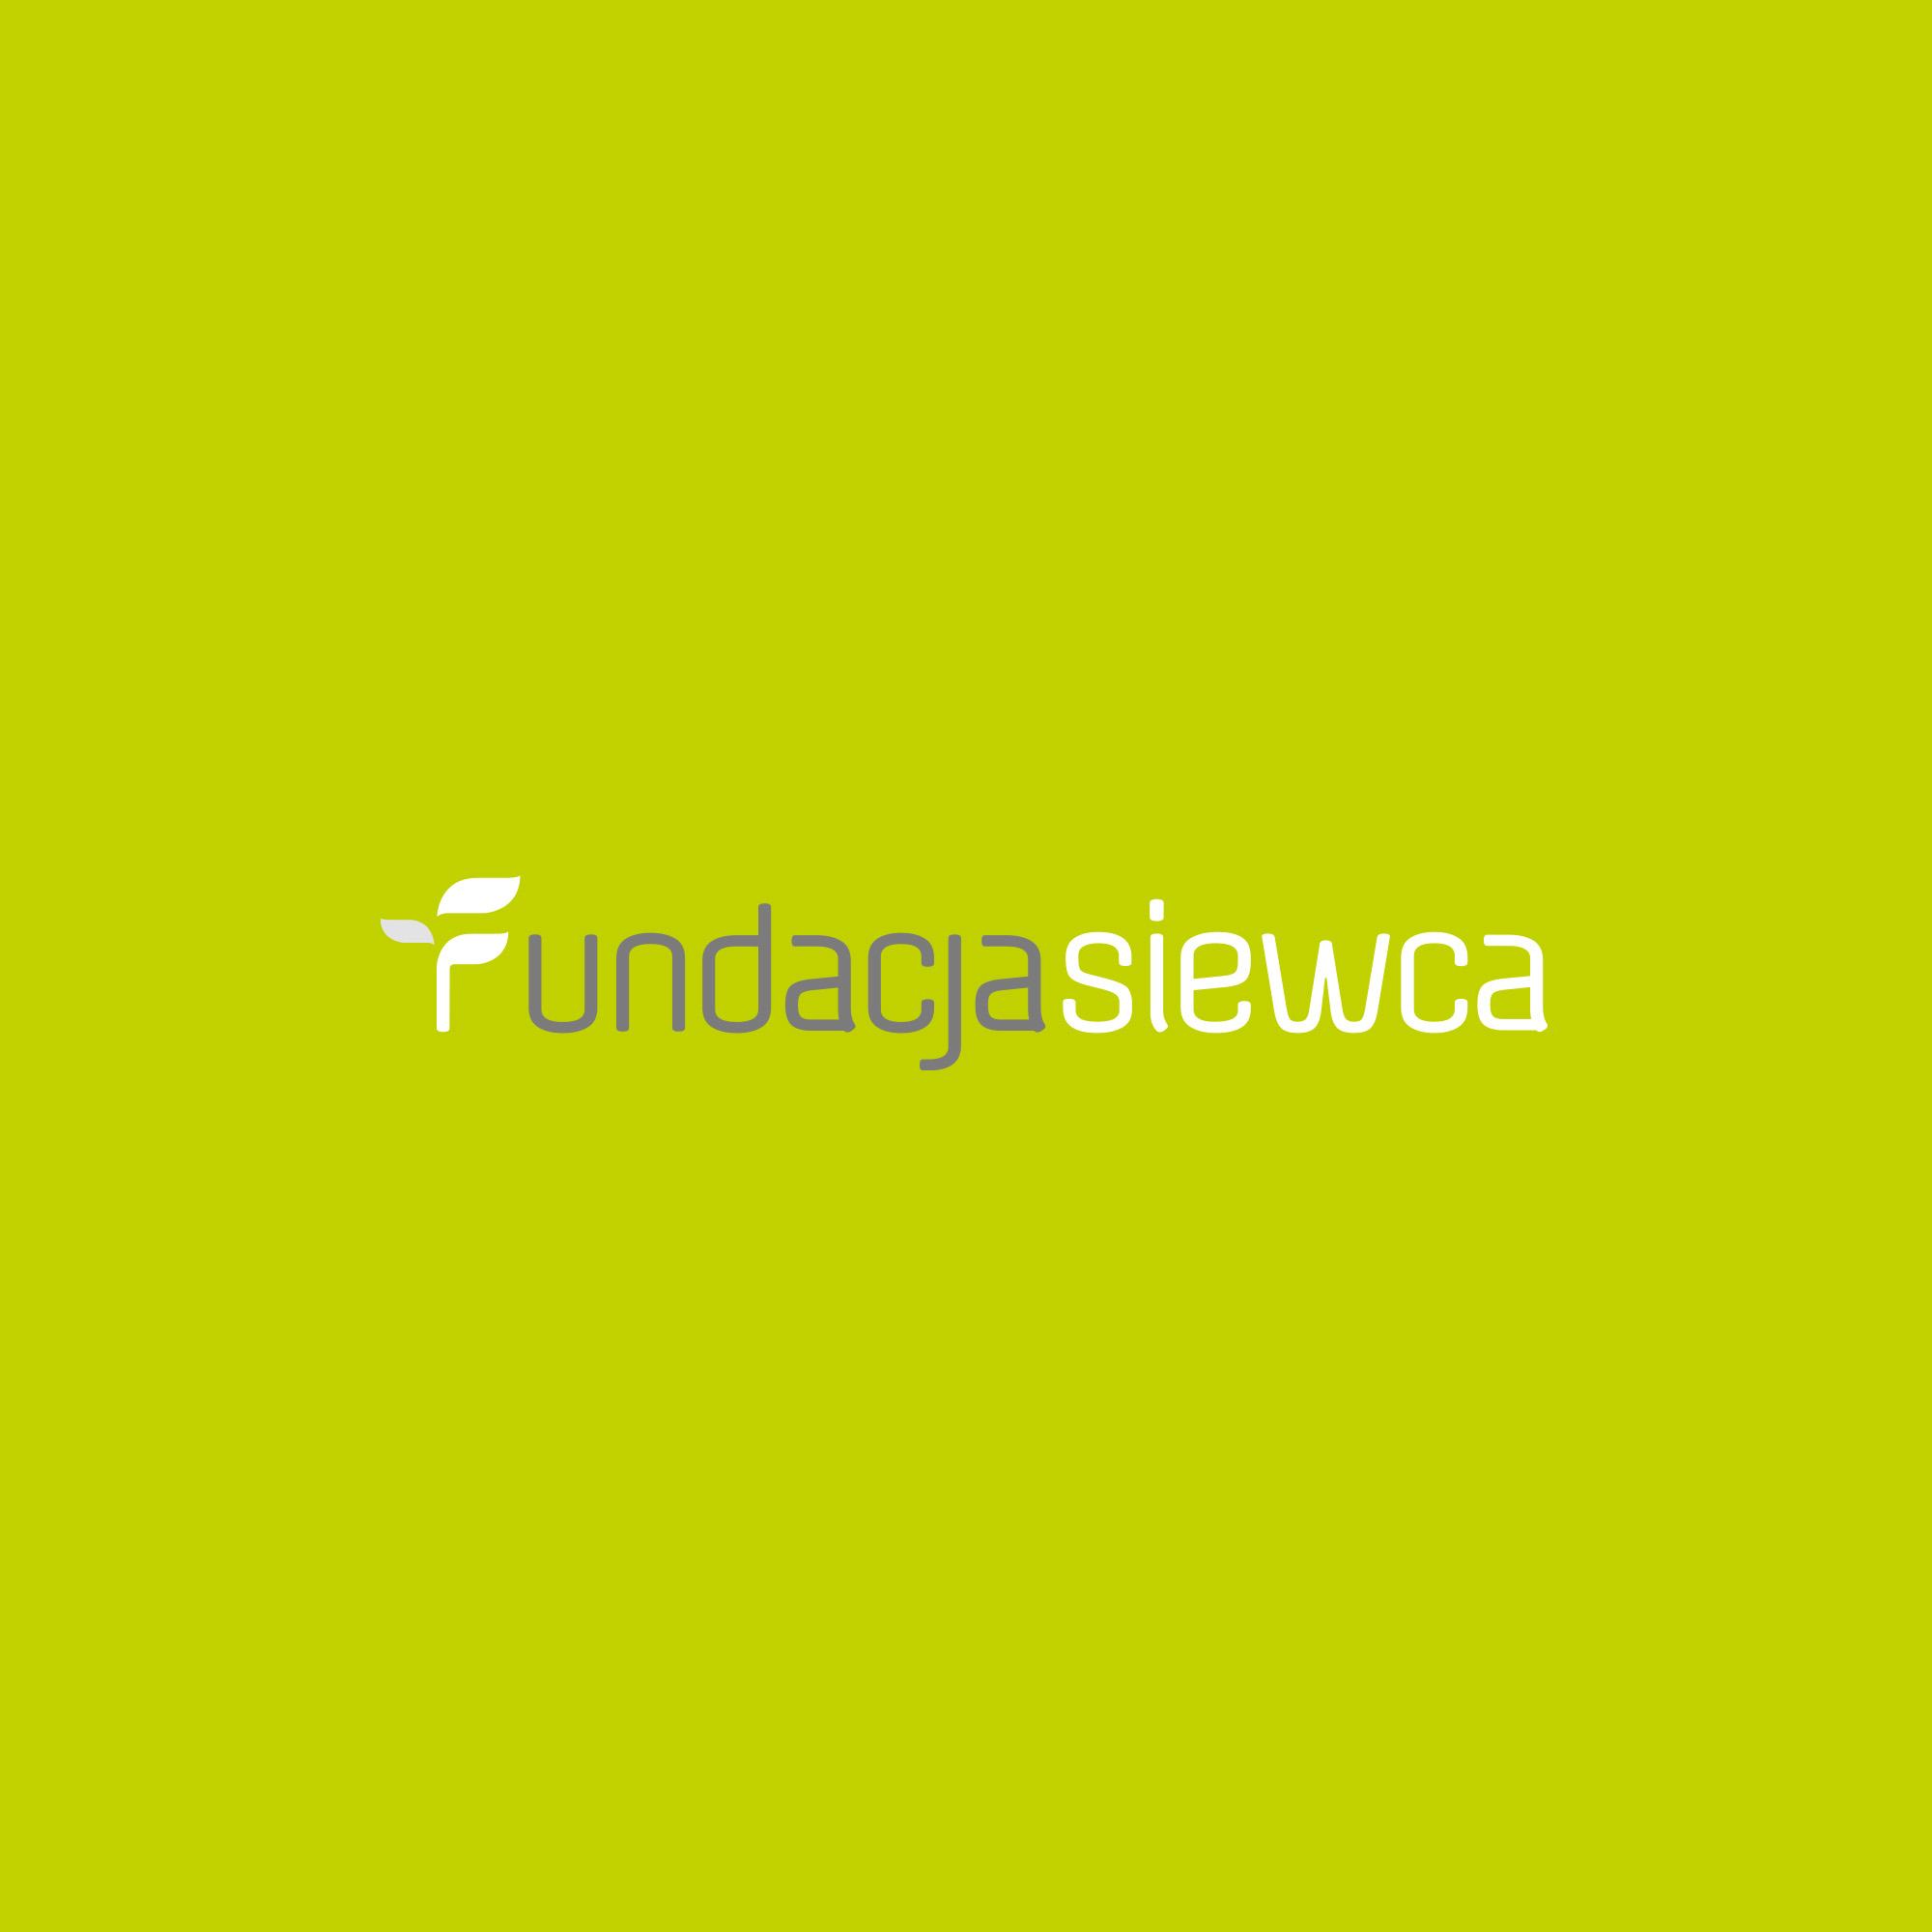 logo design, identyfikacja marki, branding, brand book, znak graficzny, logo firmy, ci, fundacja siewca, art designer - Ireneusz Bloch